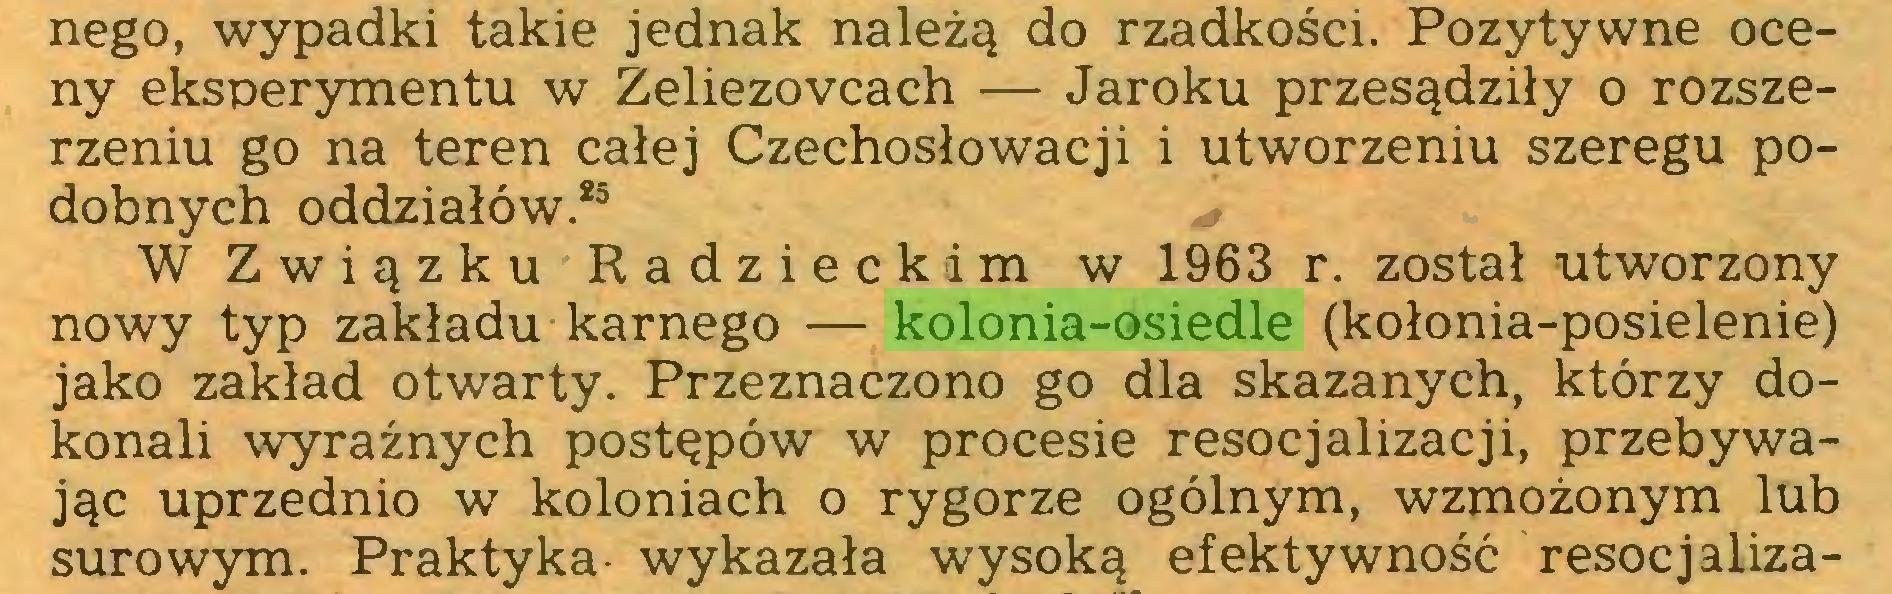 (...) nego, wypadki takie jednak należą do rzadkości. Pozytywne oceny eksperymentu w Zeliezovcach — Jaroku przesądziły o rozszerzeniu go na teren całej Czechosłowacji i utworzeniu szeregu podobnych oddziałów.25 26W Związku Radzieckim w 1963 r. został utworzony nowy typ zakładu karnego — kolonia-osiedle (kołonia-posielenie) jako zakład otwarty. Przeznaczono go dla skazanych, którzy dokonali wyraźnych postępów w procesie resocjalizacji, przebywając uprzednio w koloniach o rygorze ogólnym, wzmożonym lub surowym. Praktyka- wykazała wysoką efektywność resocjaliza...